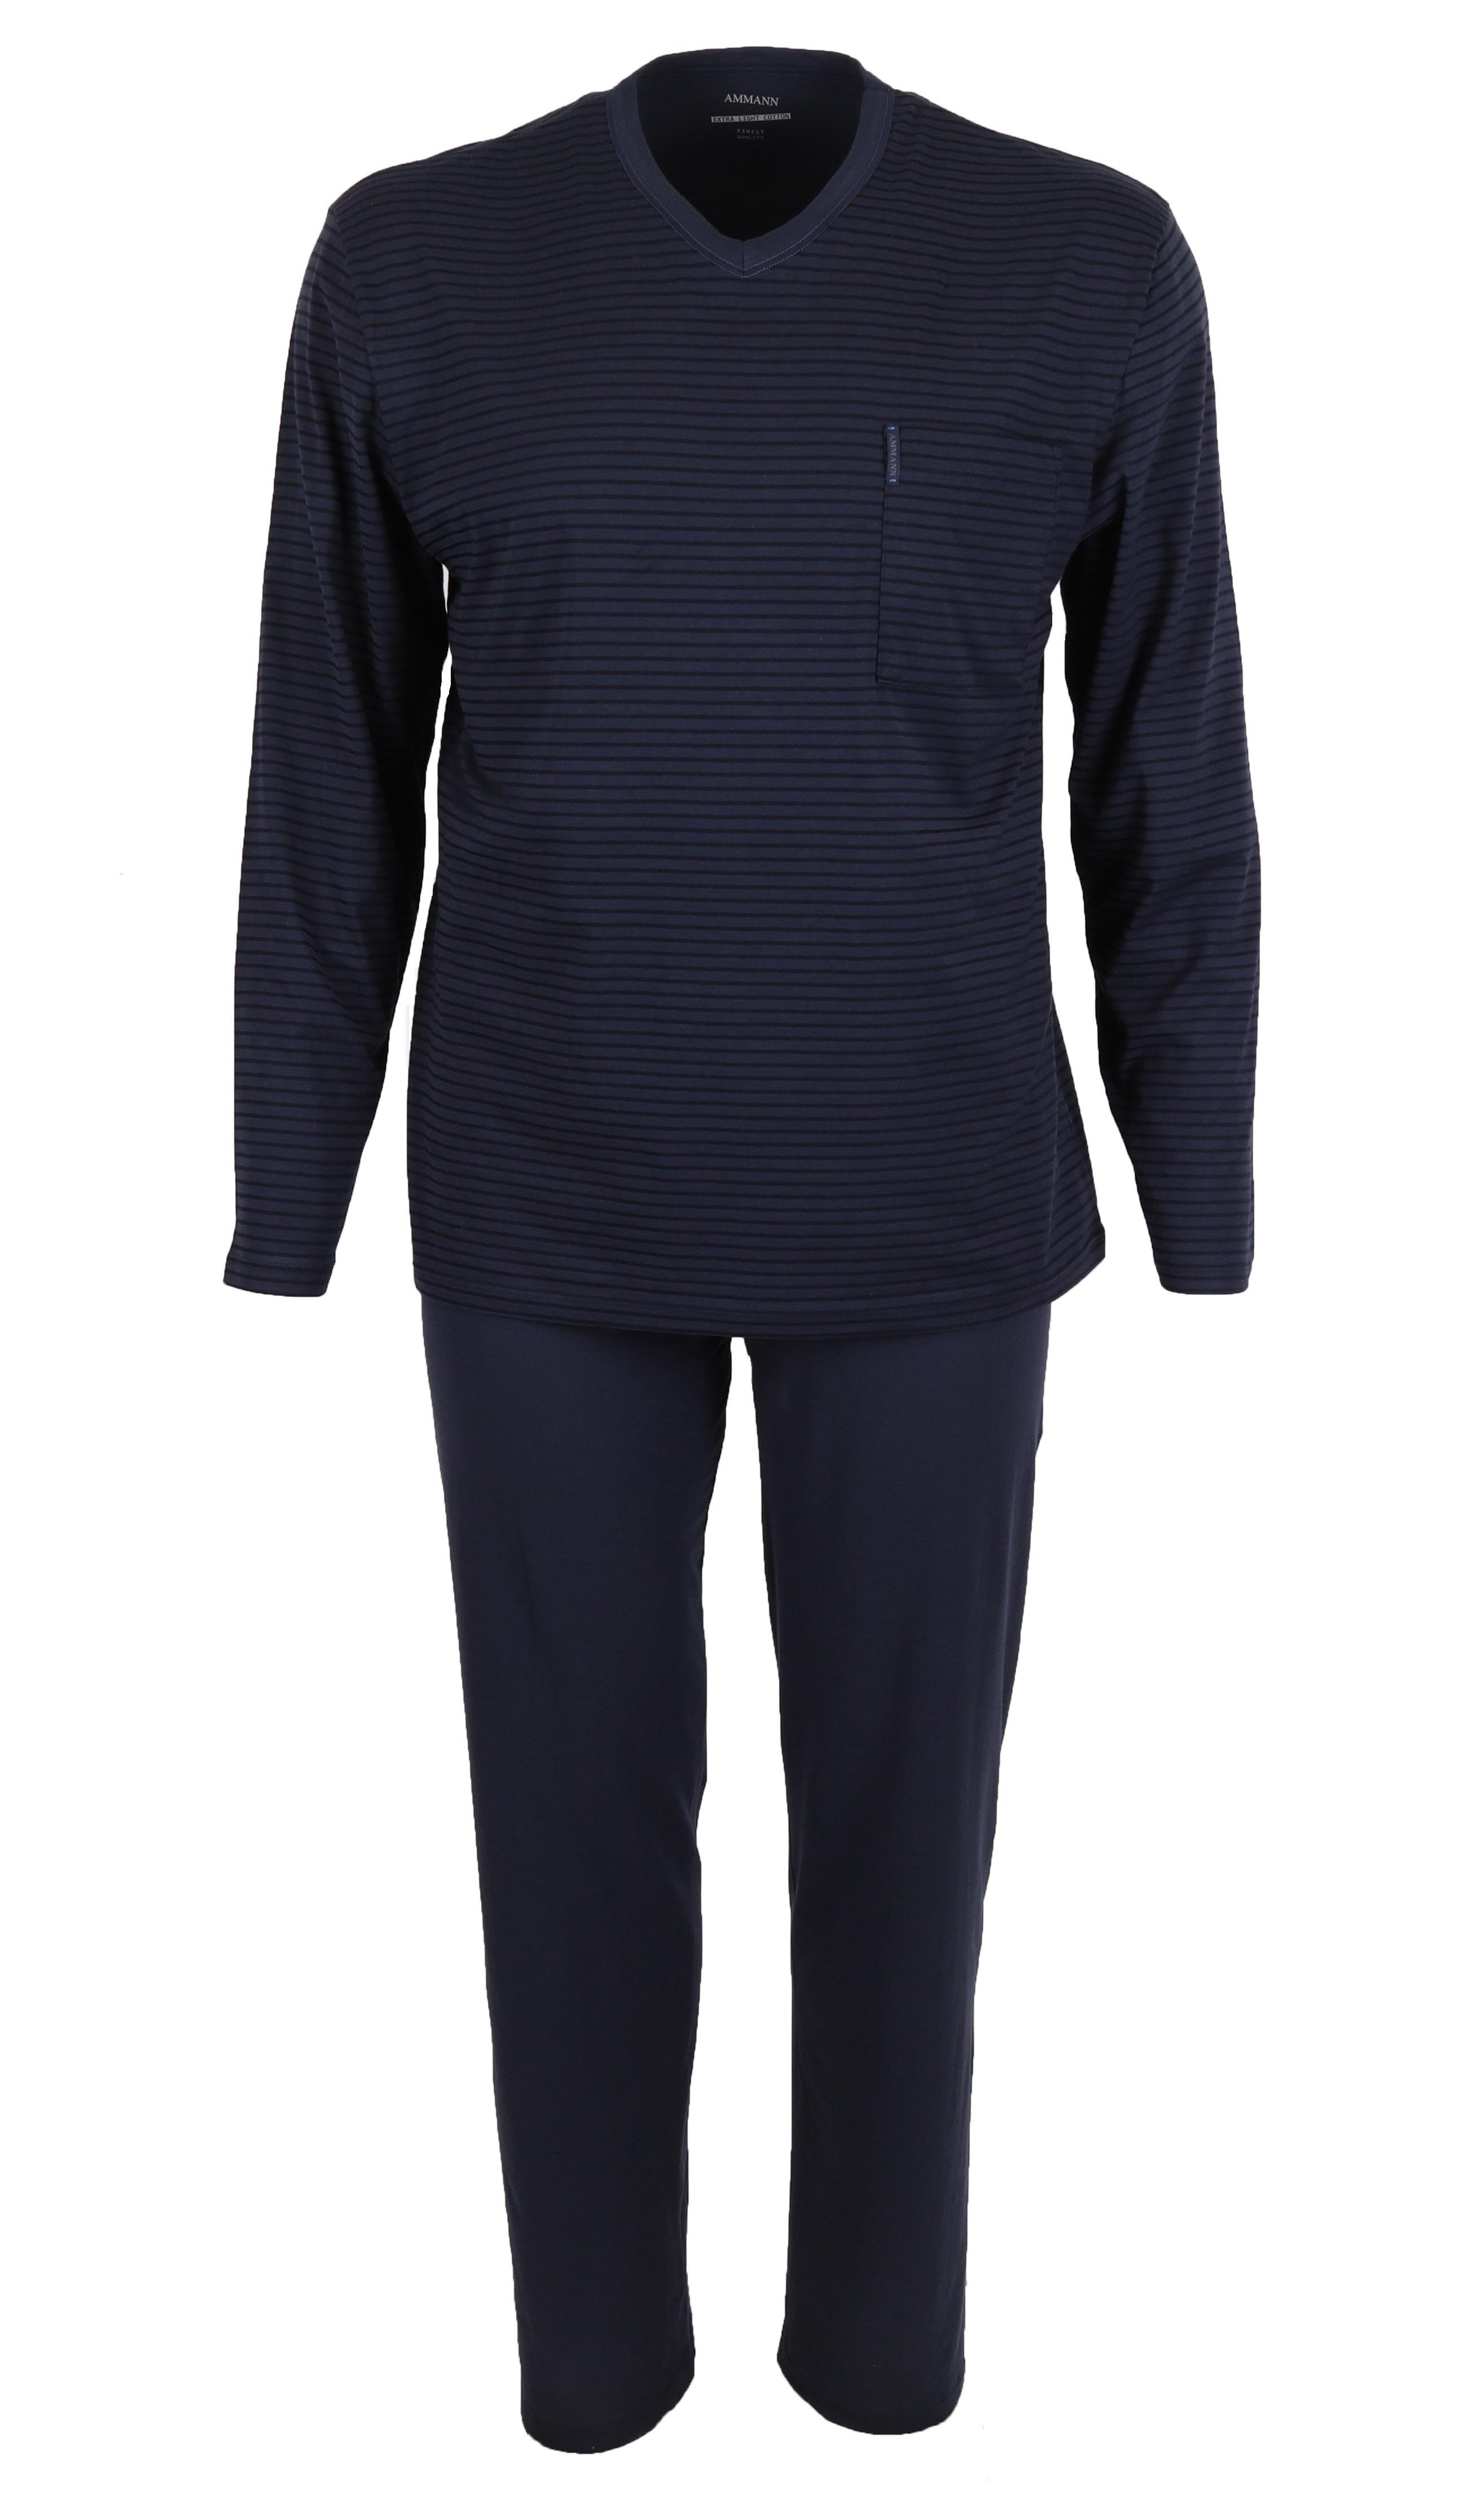 pyjama long pour homme 2 pi ces couleur total eclipse bleu fonc 100 coton taille 48 56 de. Black Bedroom Furniture Sets. Home Design Ideas